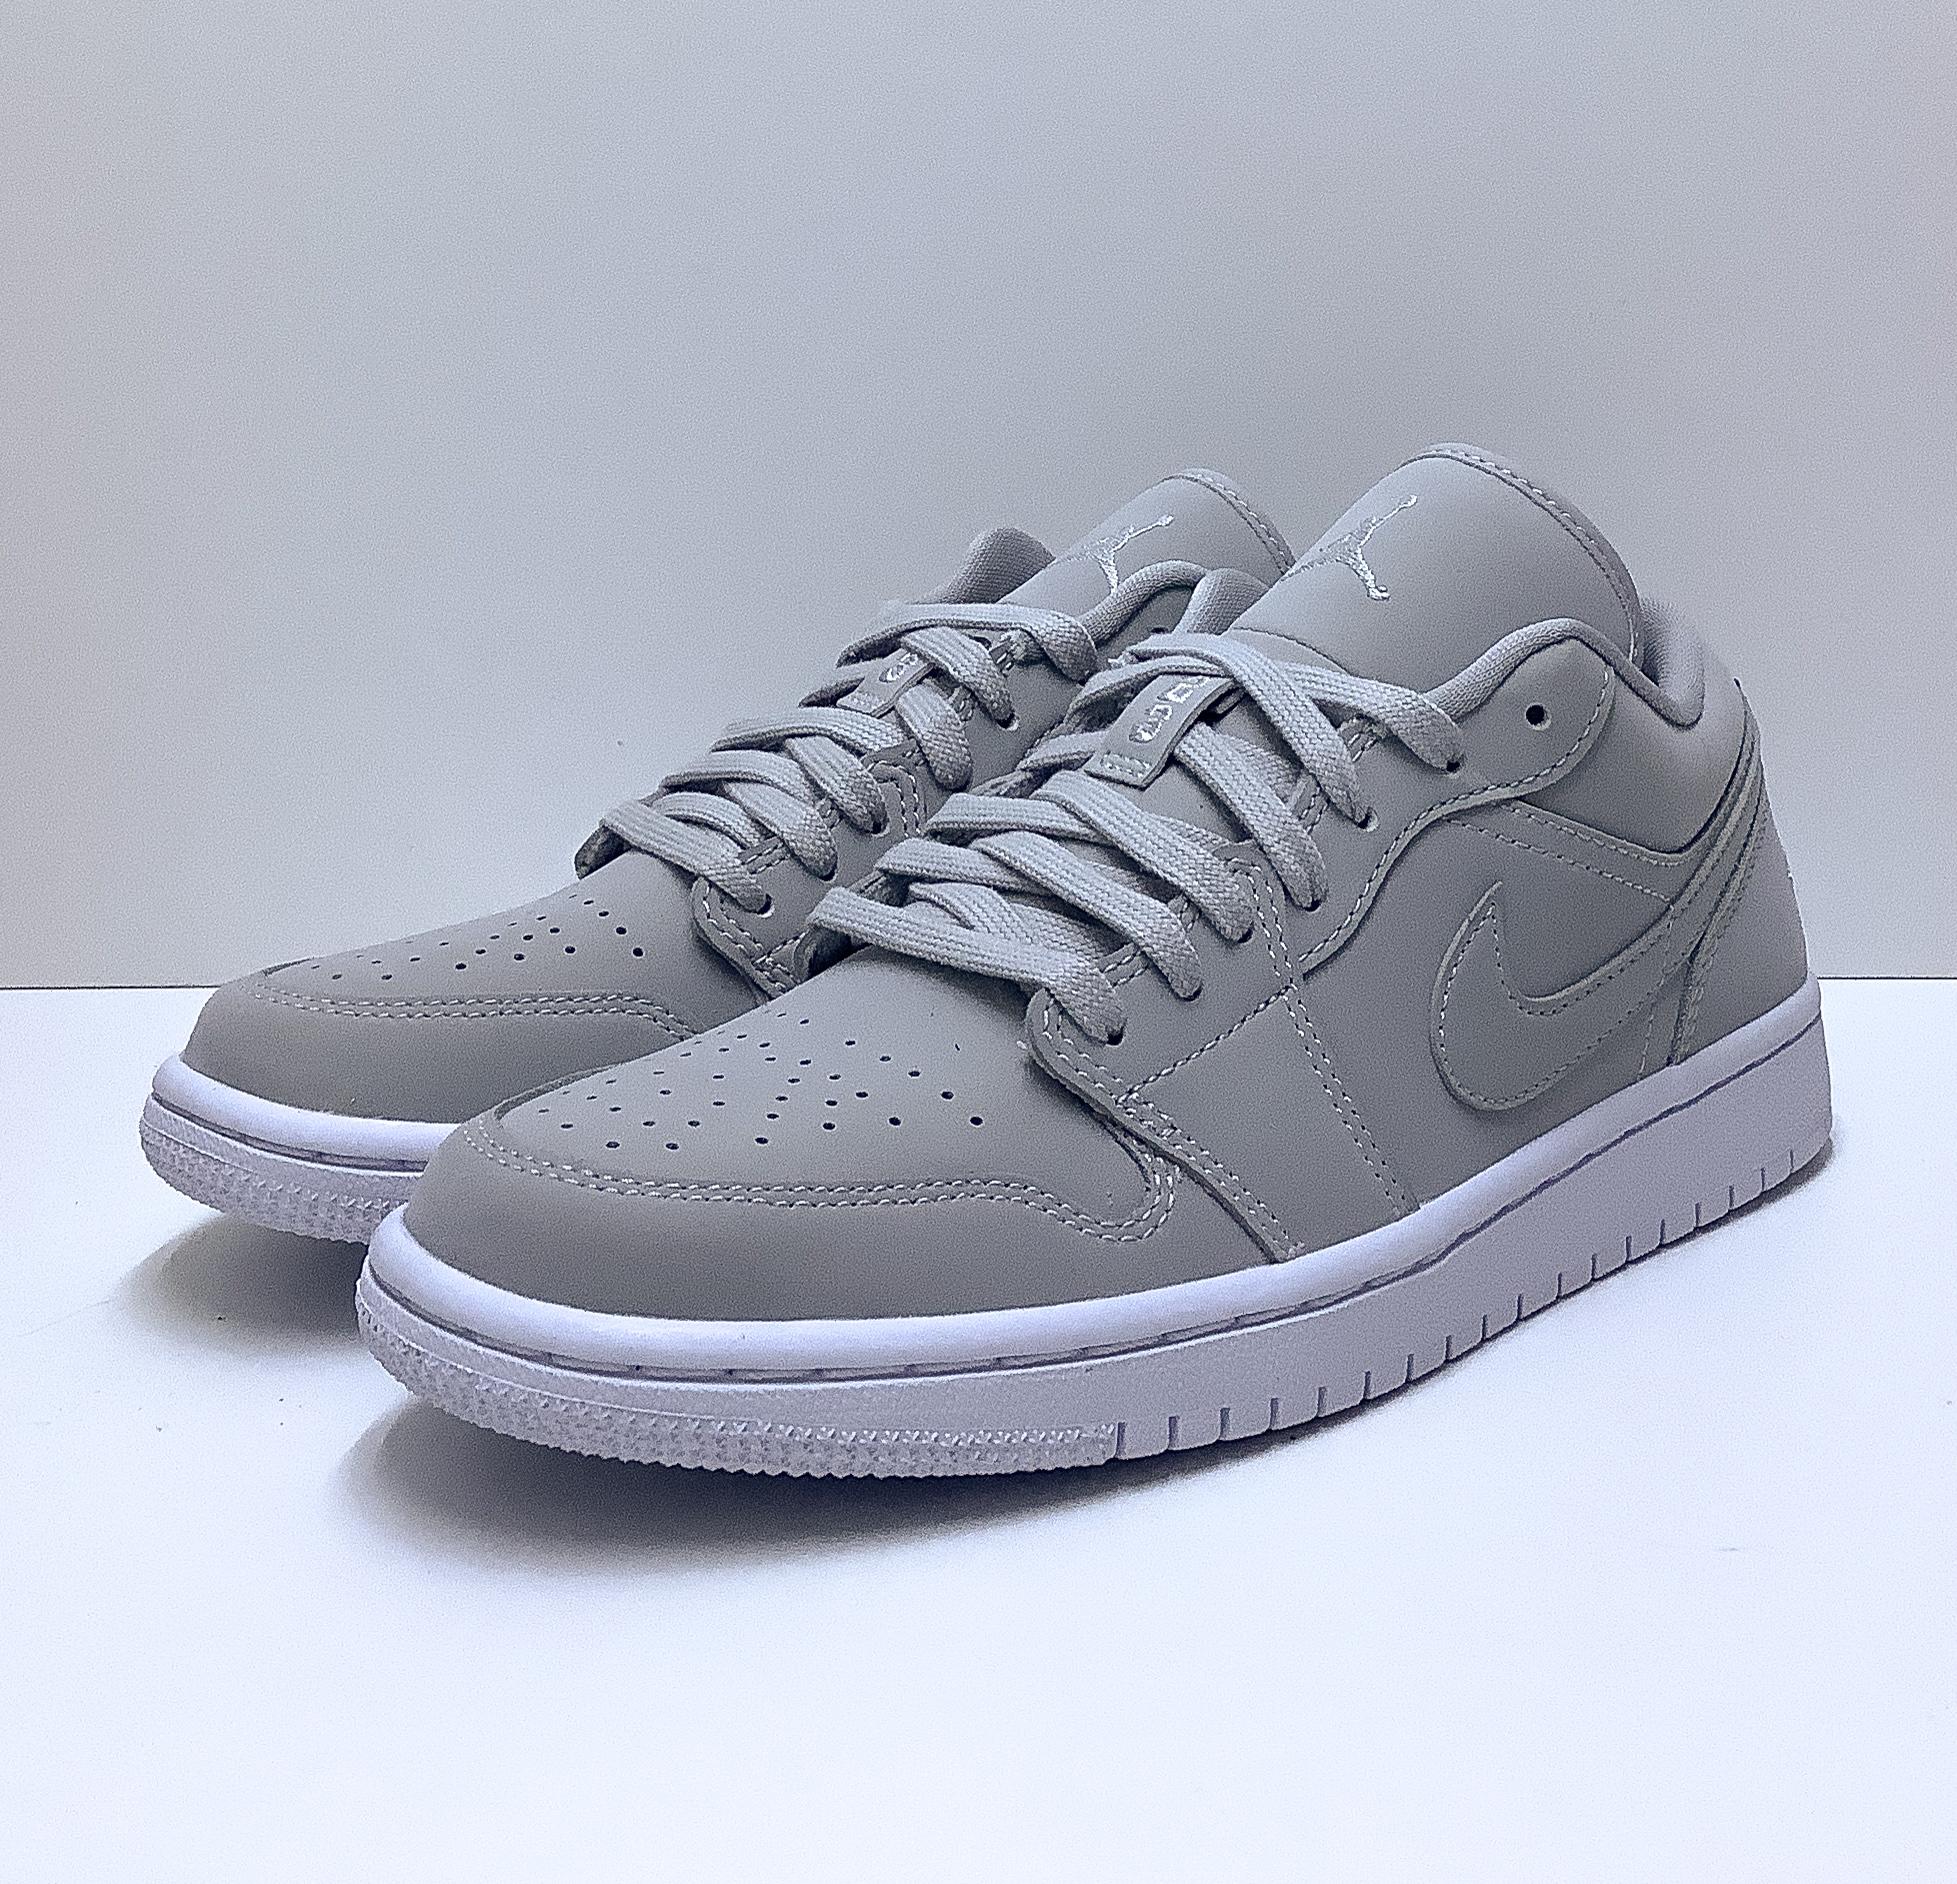 Jordan 1 Low Grey Fog (W)